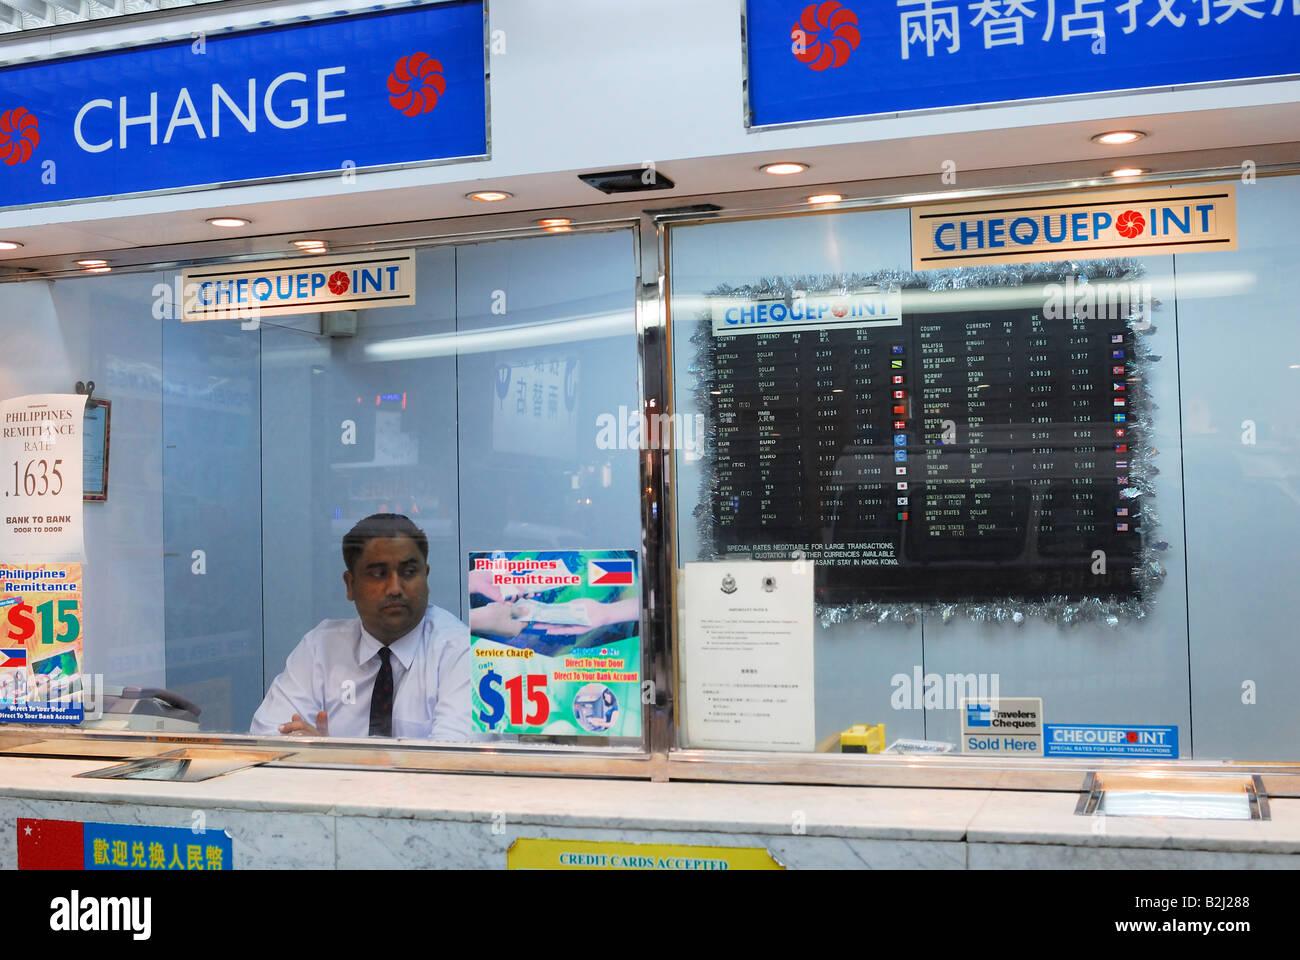 exchange office western union bank kowloon hongkong cashier stock photo exchange office western union bank kowloon hongkong cashier